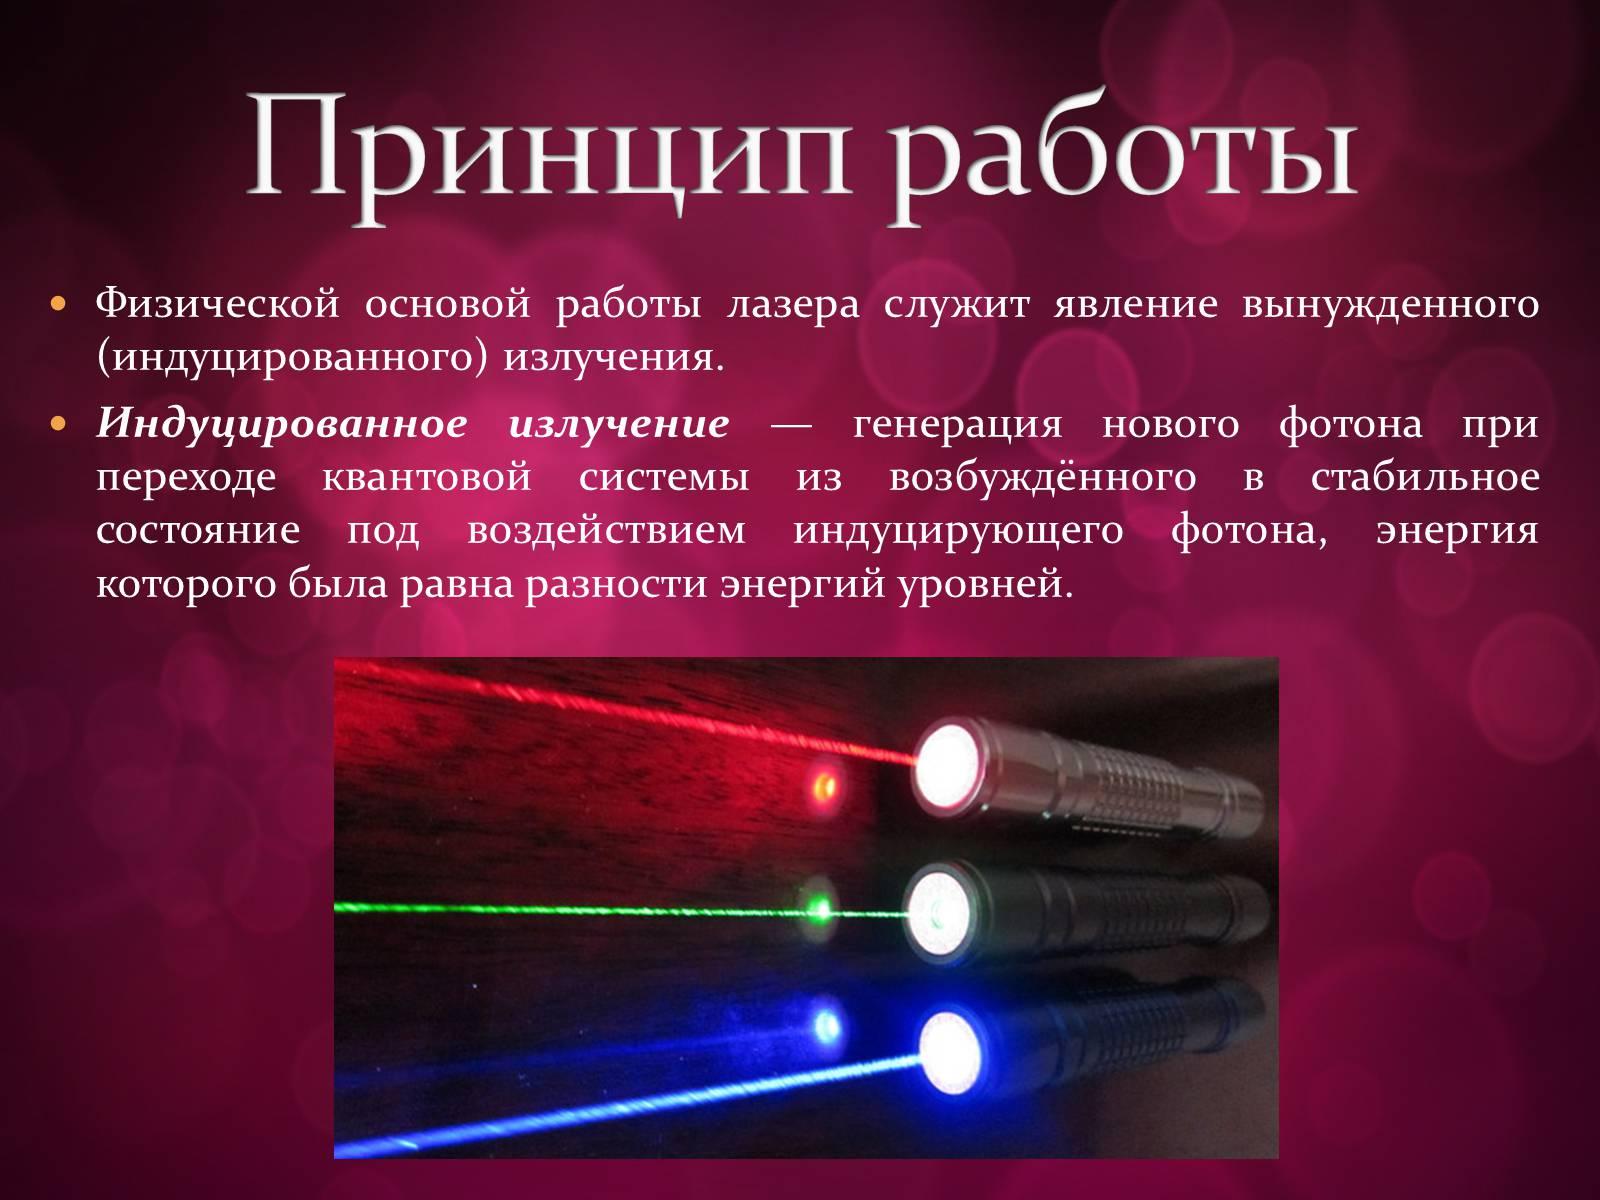 готовые протоколы работы на лазер фотона рупп